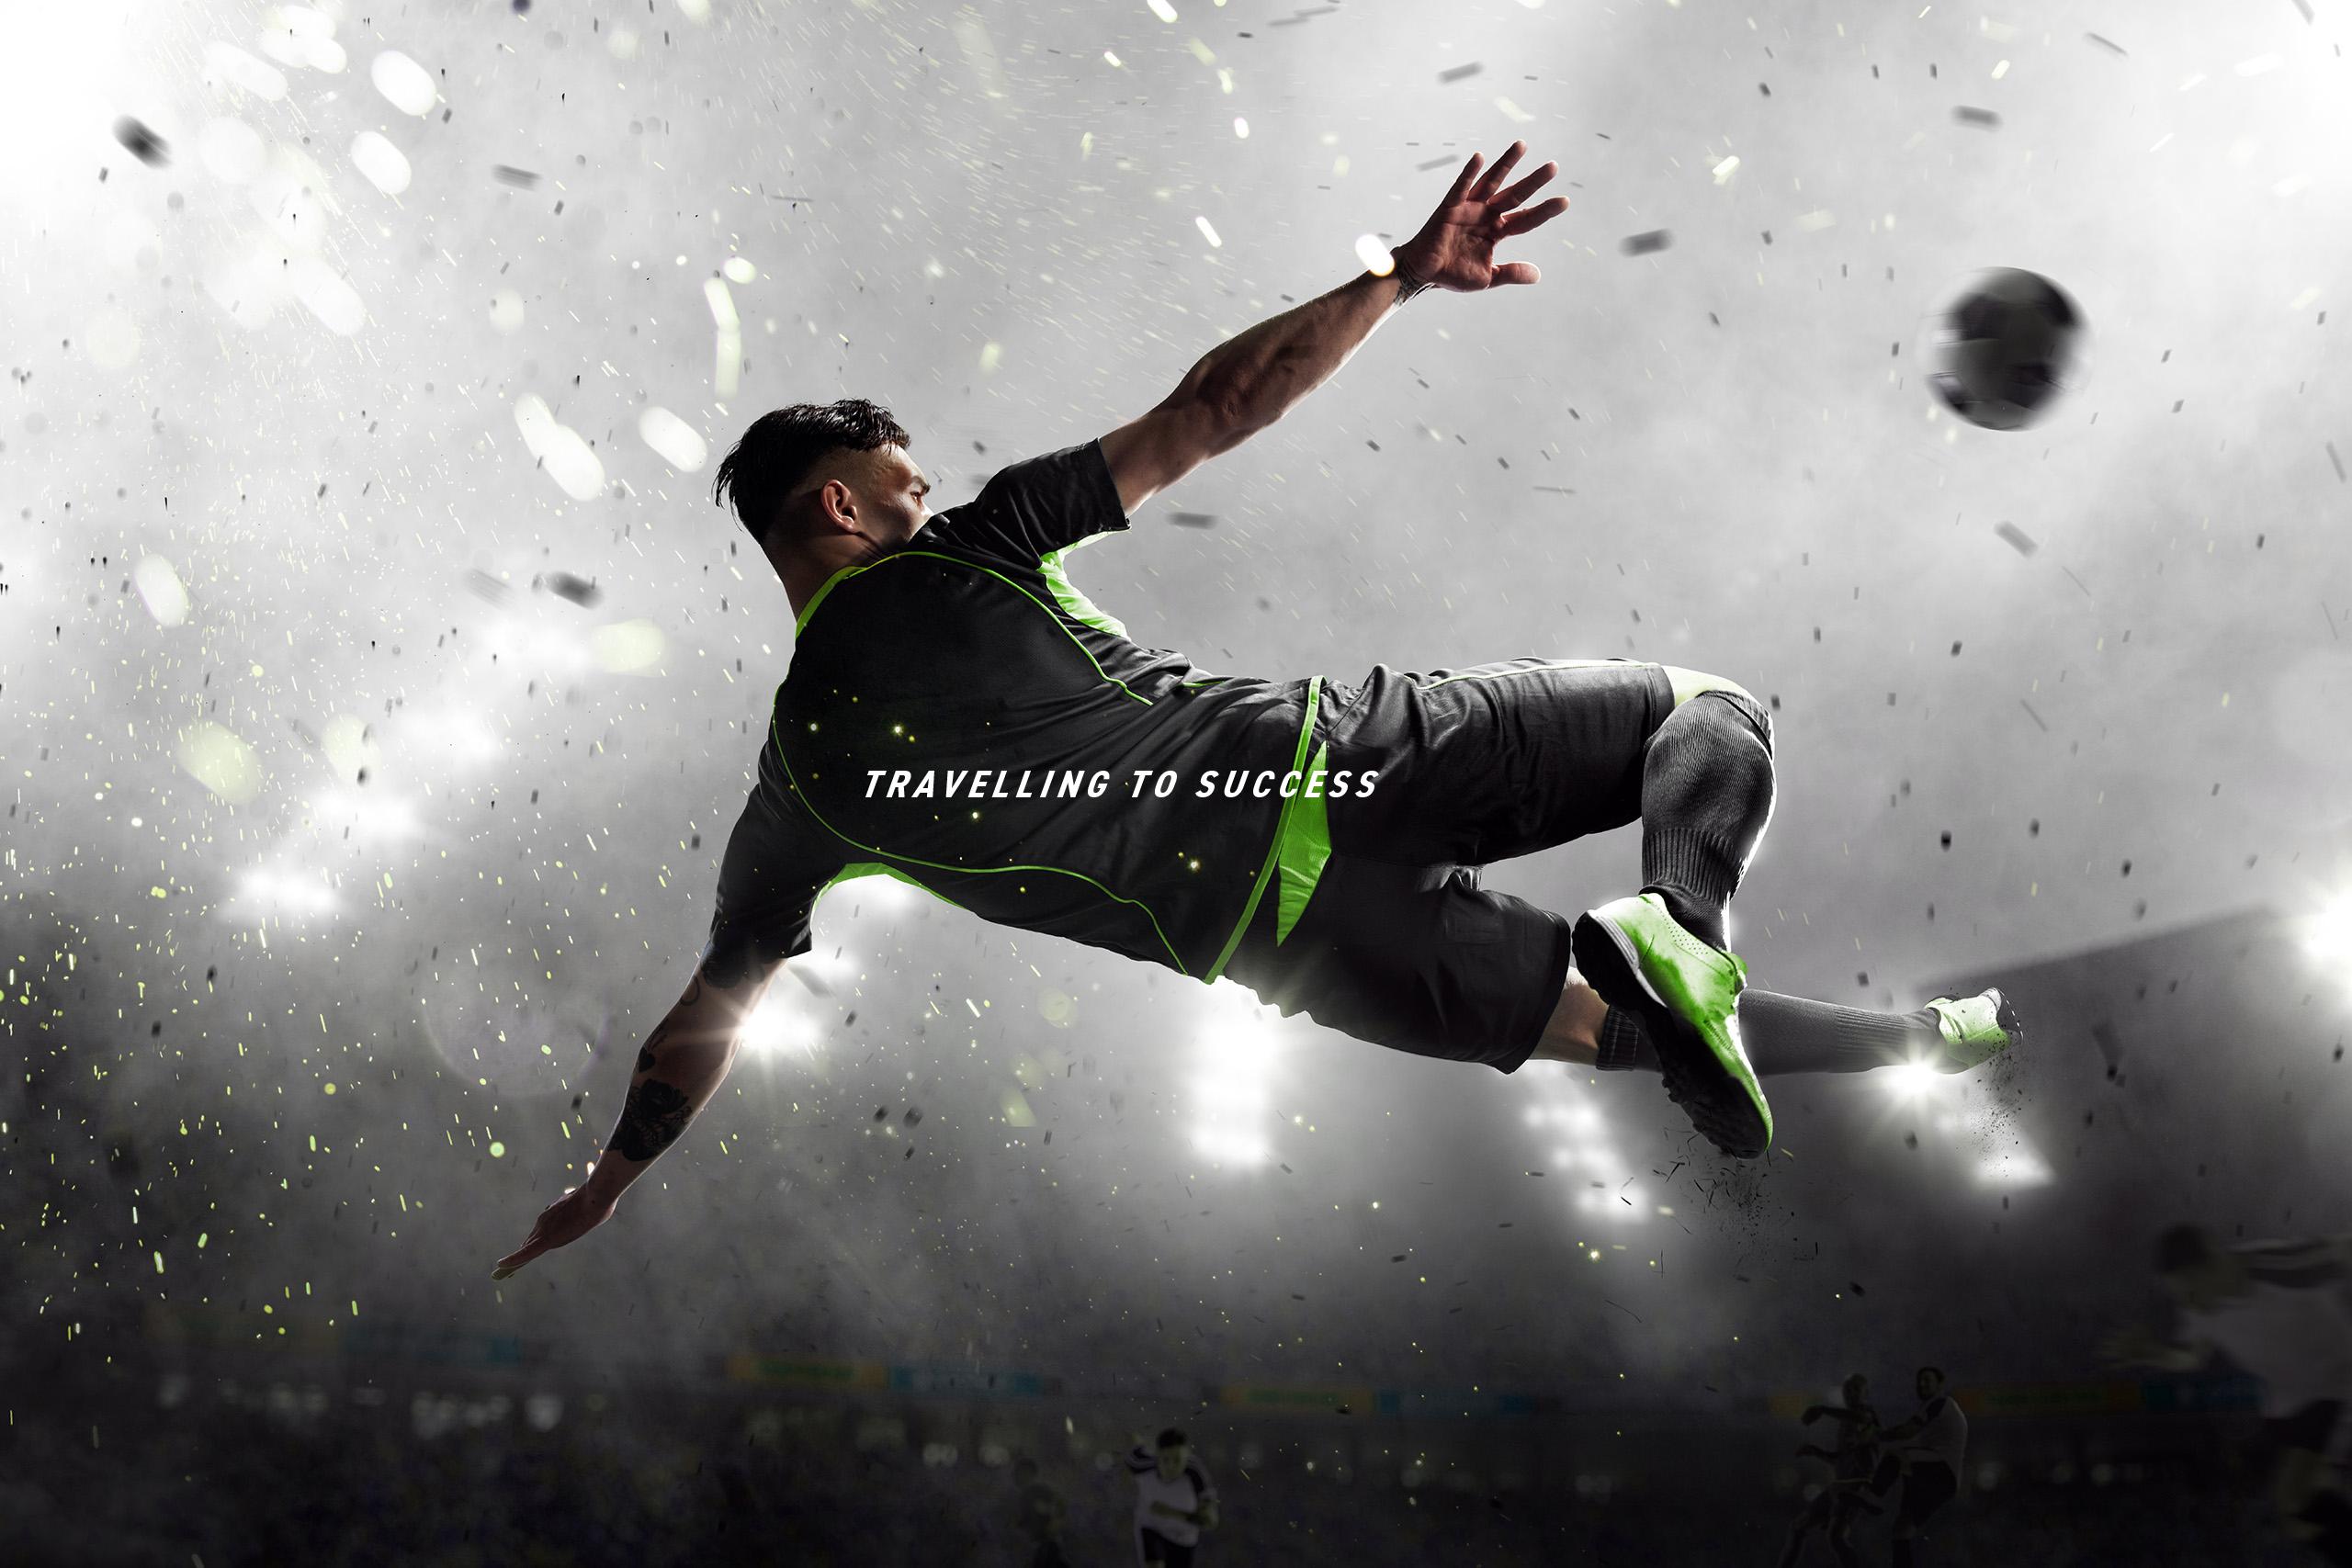 Fußballer in der Luft beim Schuss